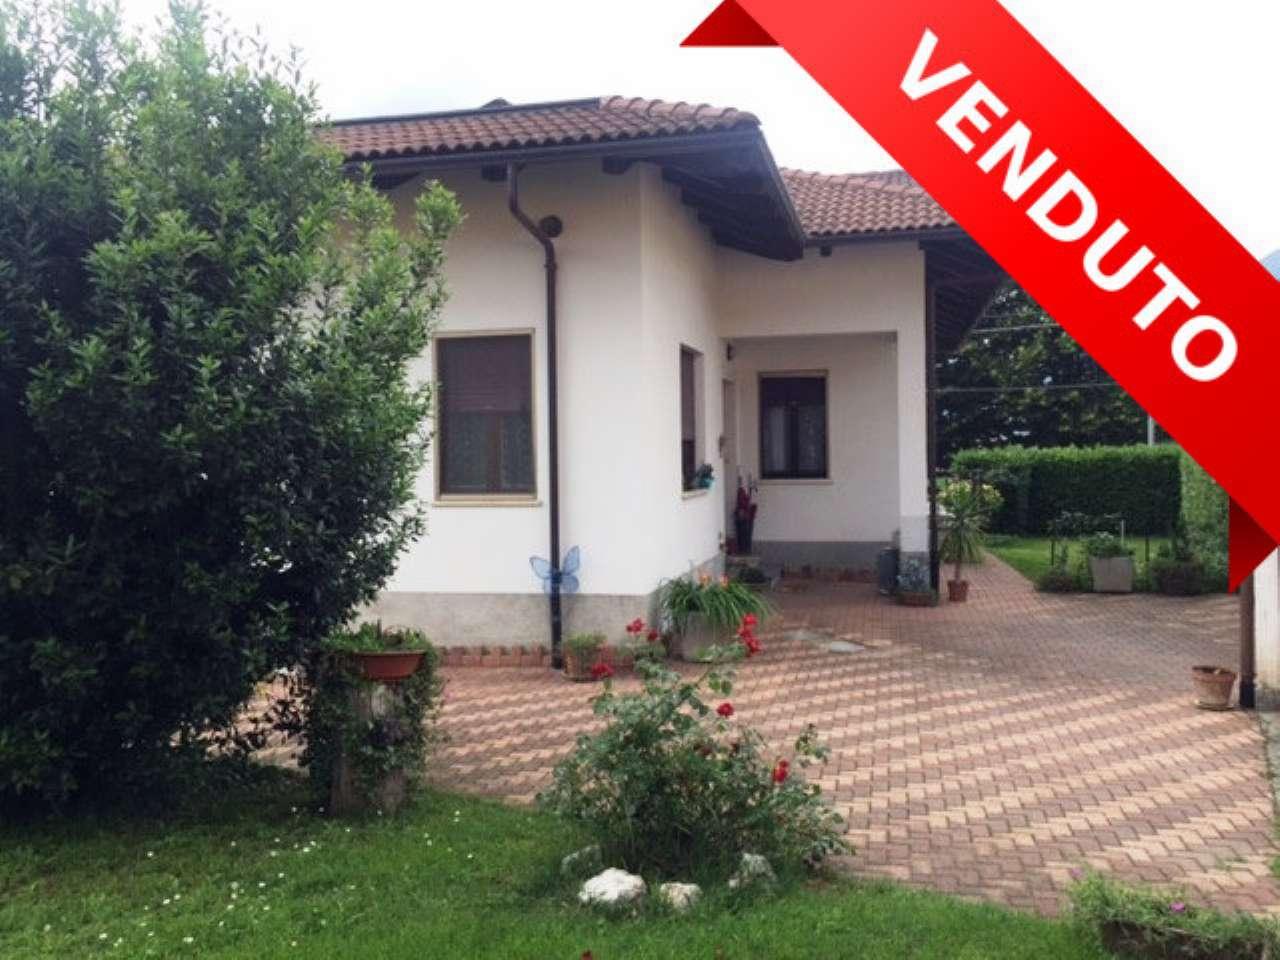 Villa in vendita a Rosta, 9999 locali, prezzo € 328.000 | CambioCasa.it